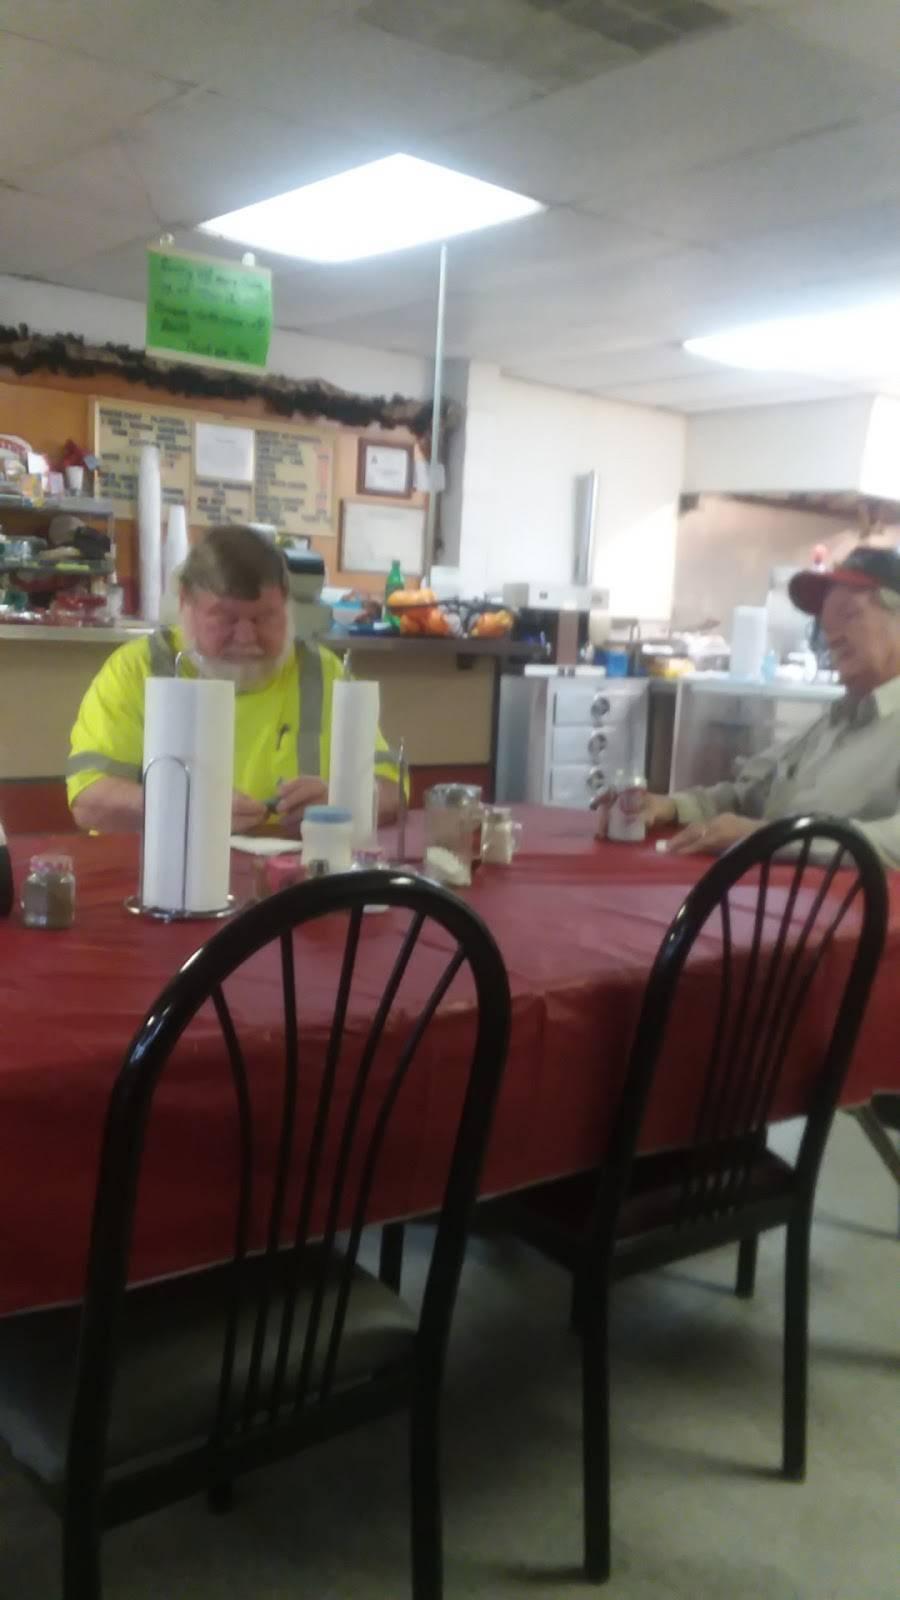 Sue S Kitchen Restaurant 6218 Nc 43 Greenville Nc 27834 Usa